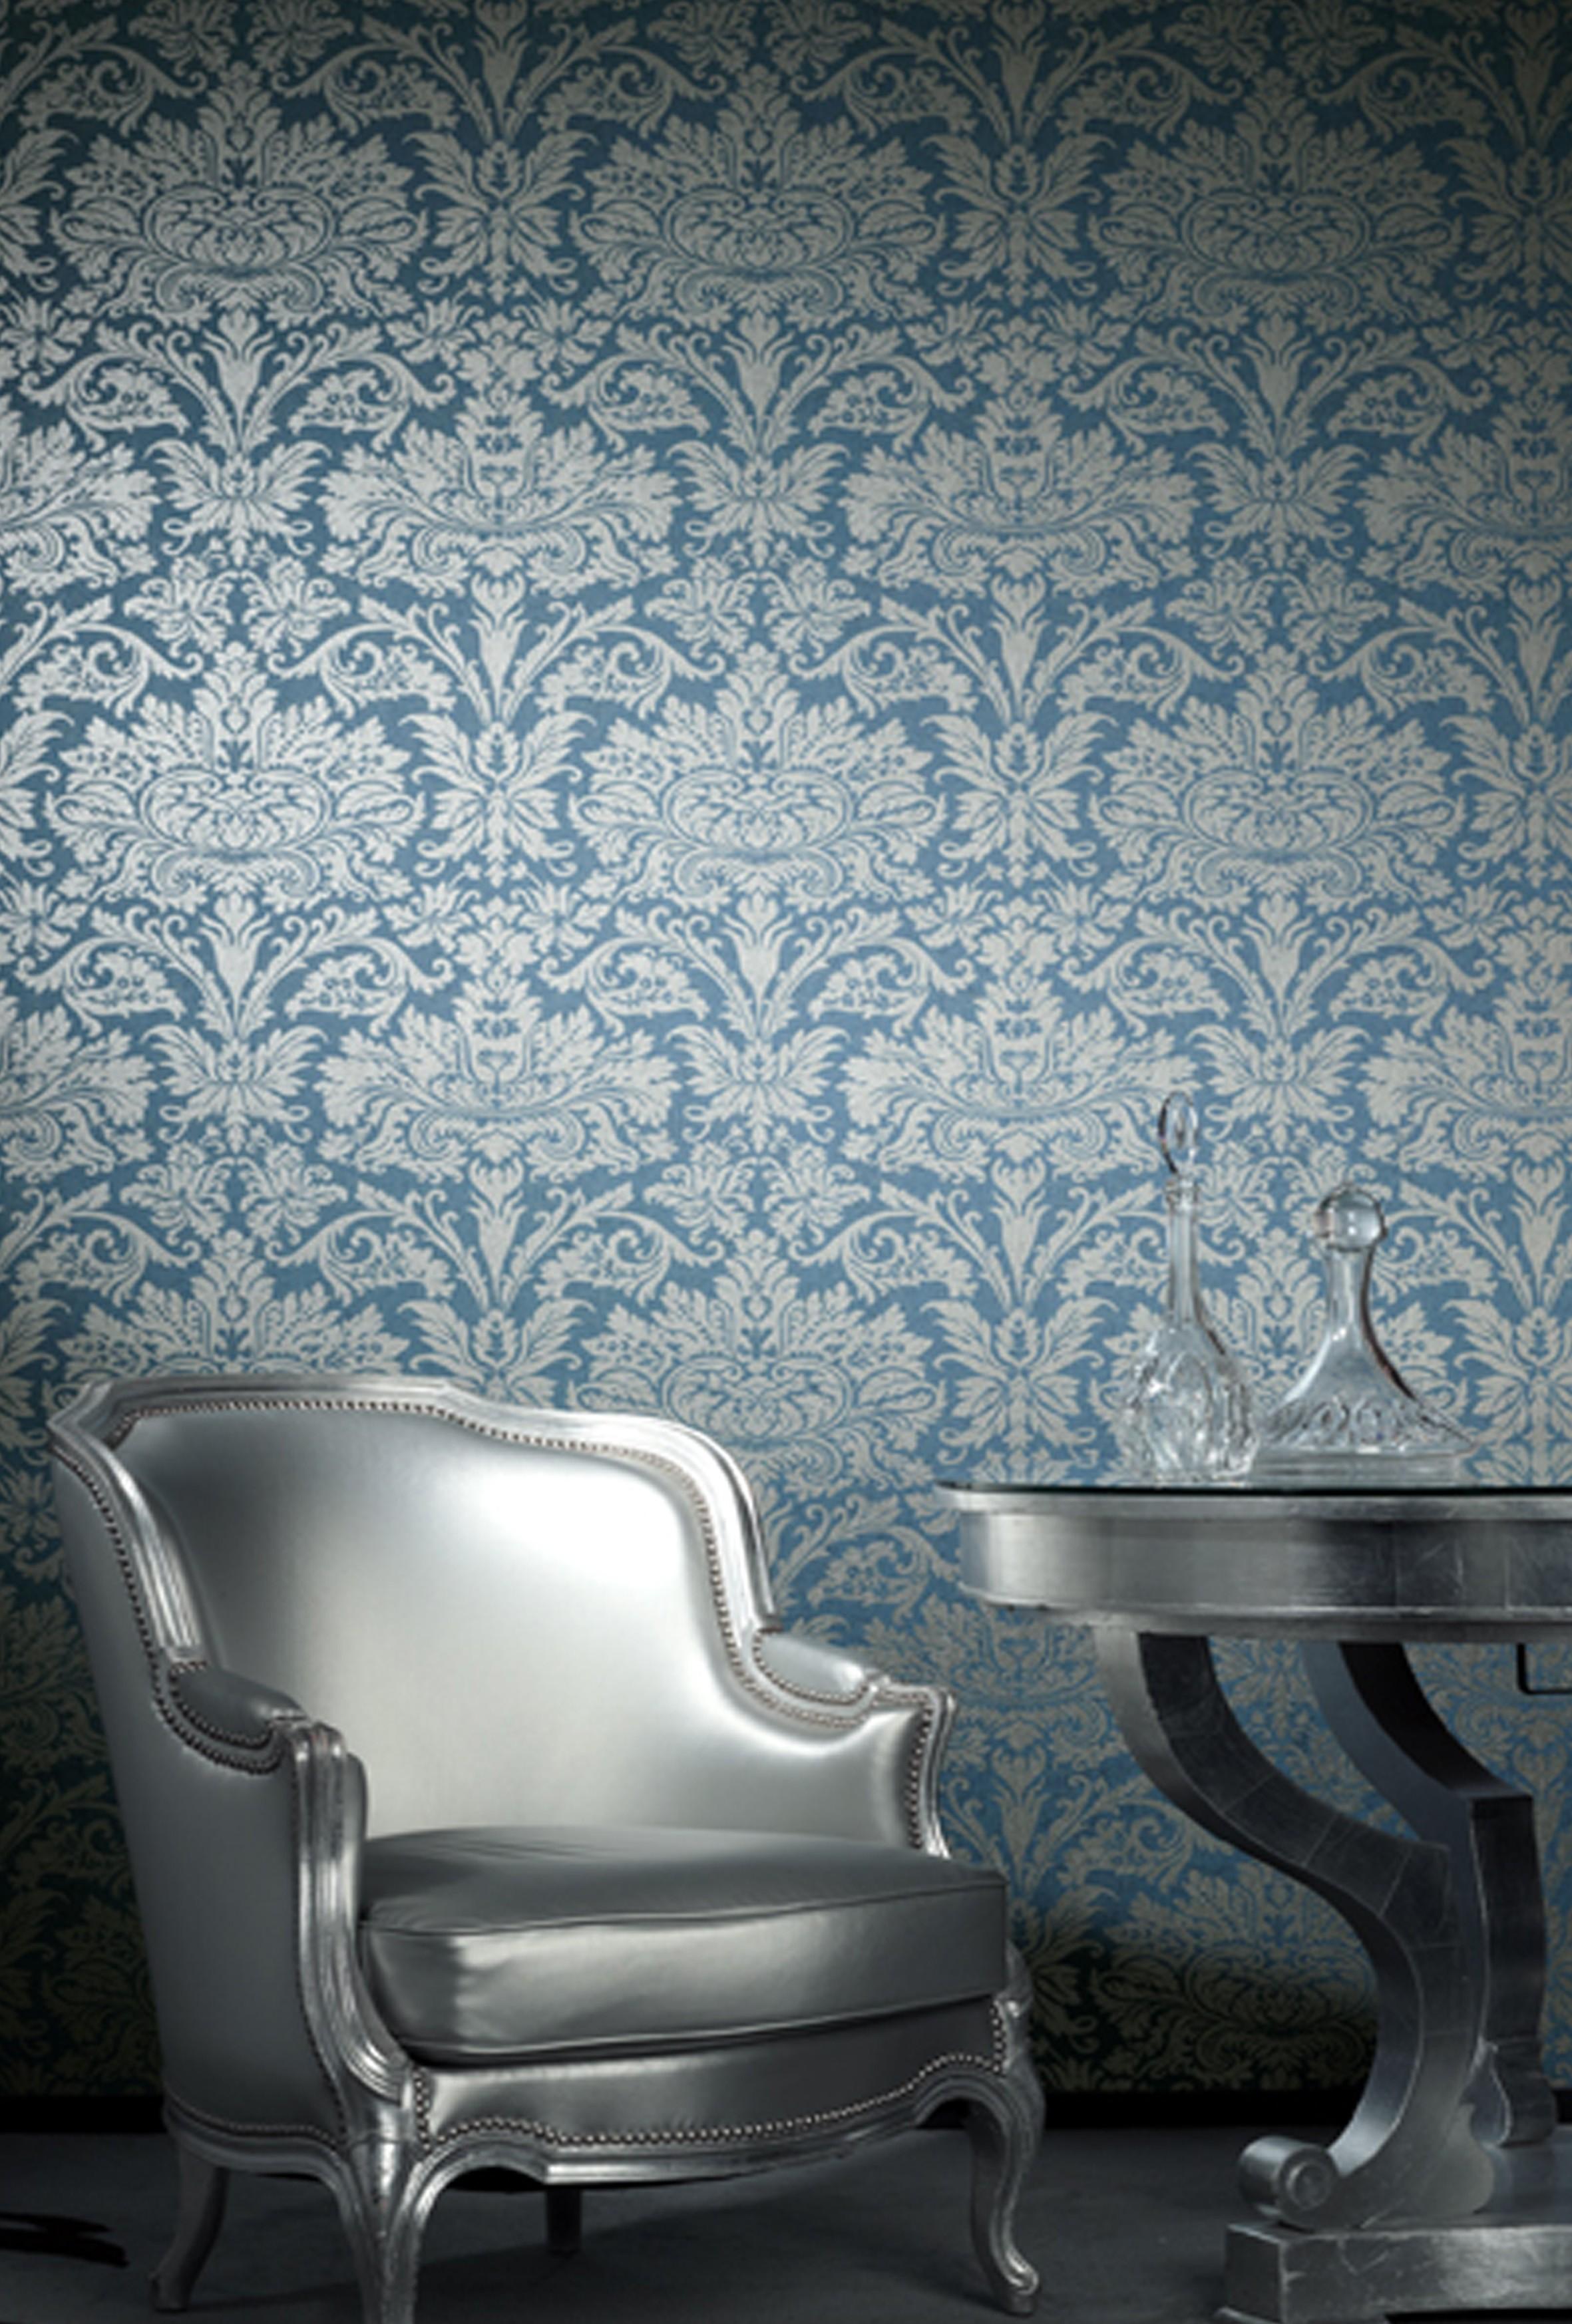 Sweet luxe   Swanky Medallion   Hooked On Walls   Wallpaper Brands 2362x3493